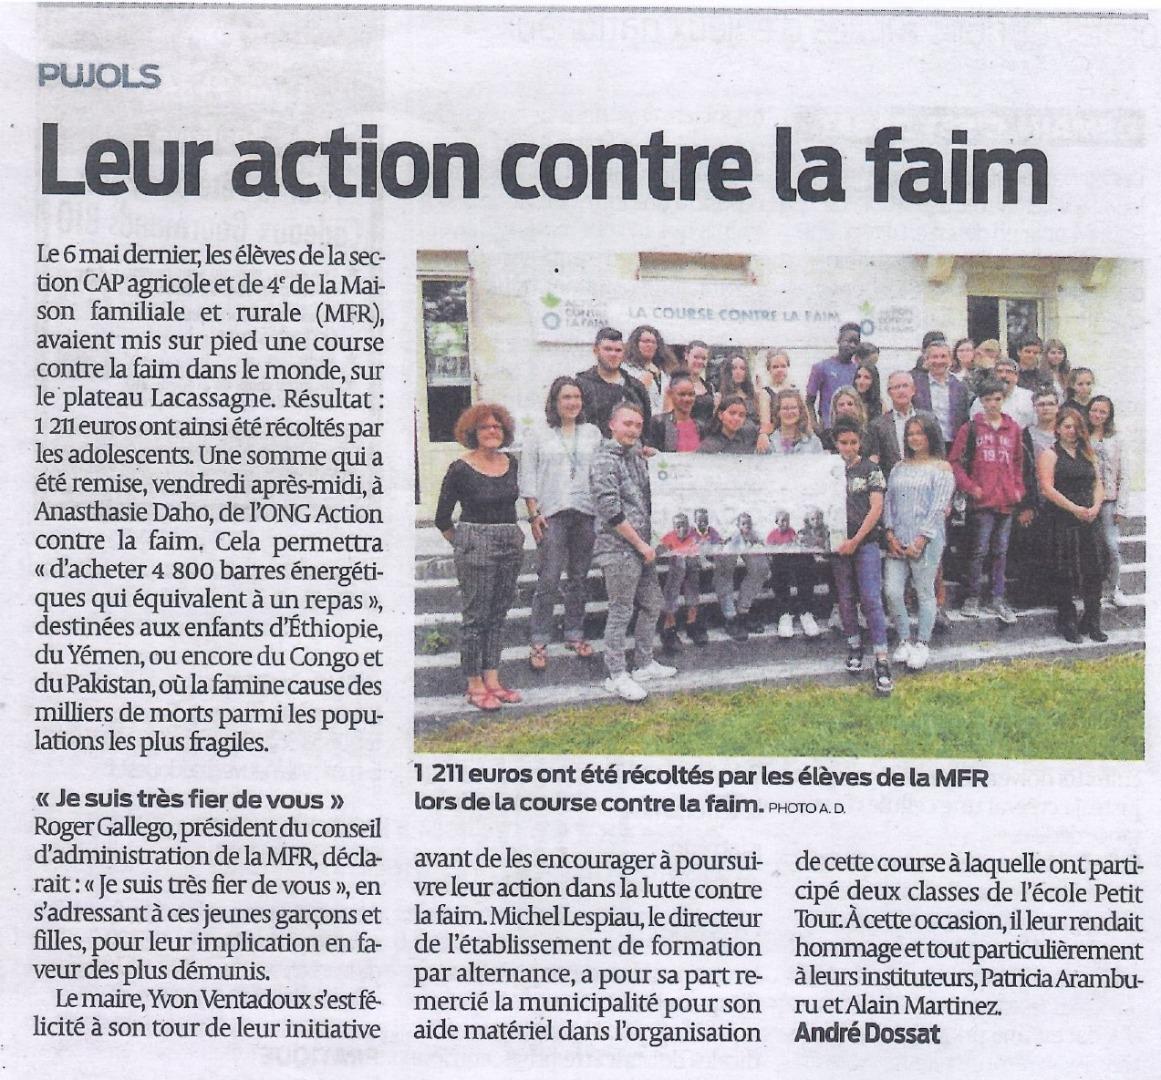 Les jeunes de la MFR courent pour Action contre la faim